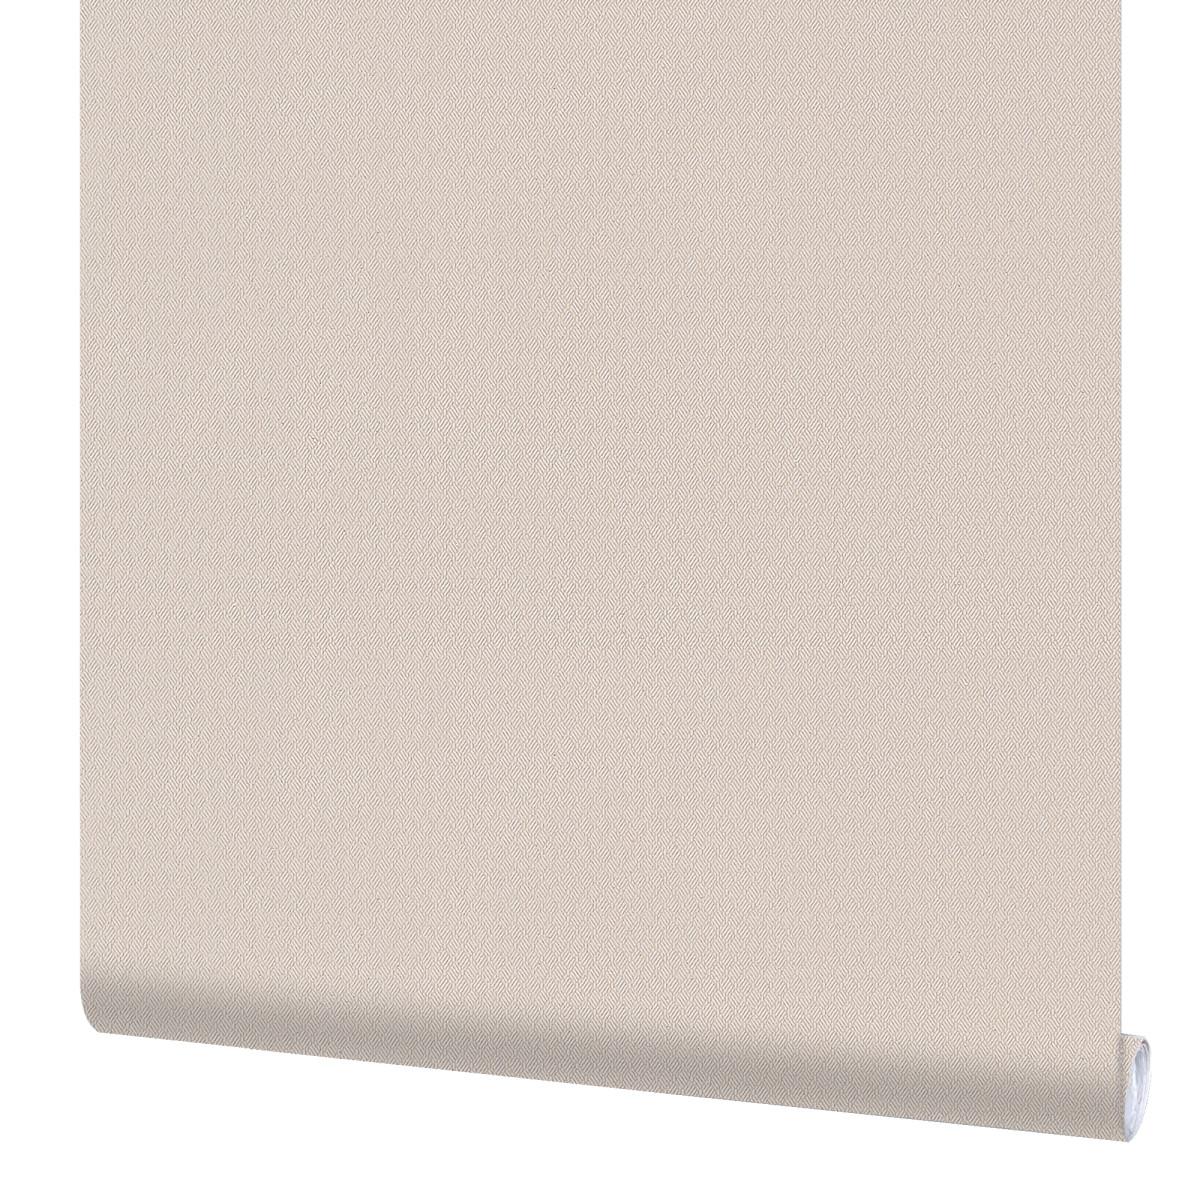 Обои флизелиновые Belvinil Франческо бежевые 1.06 м 0185-61 (СБ54 ОК)